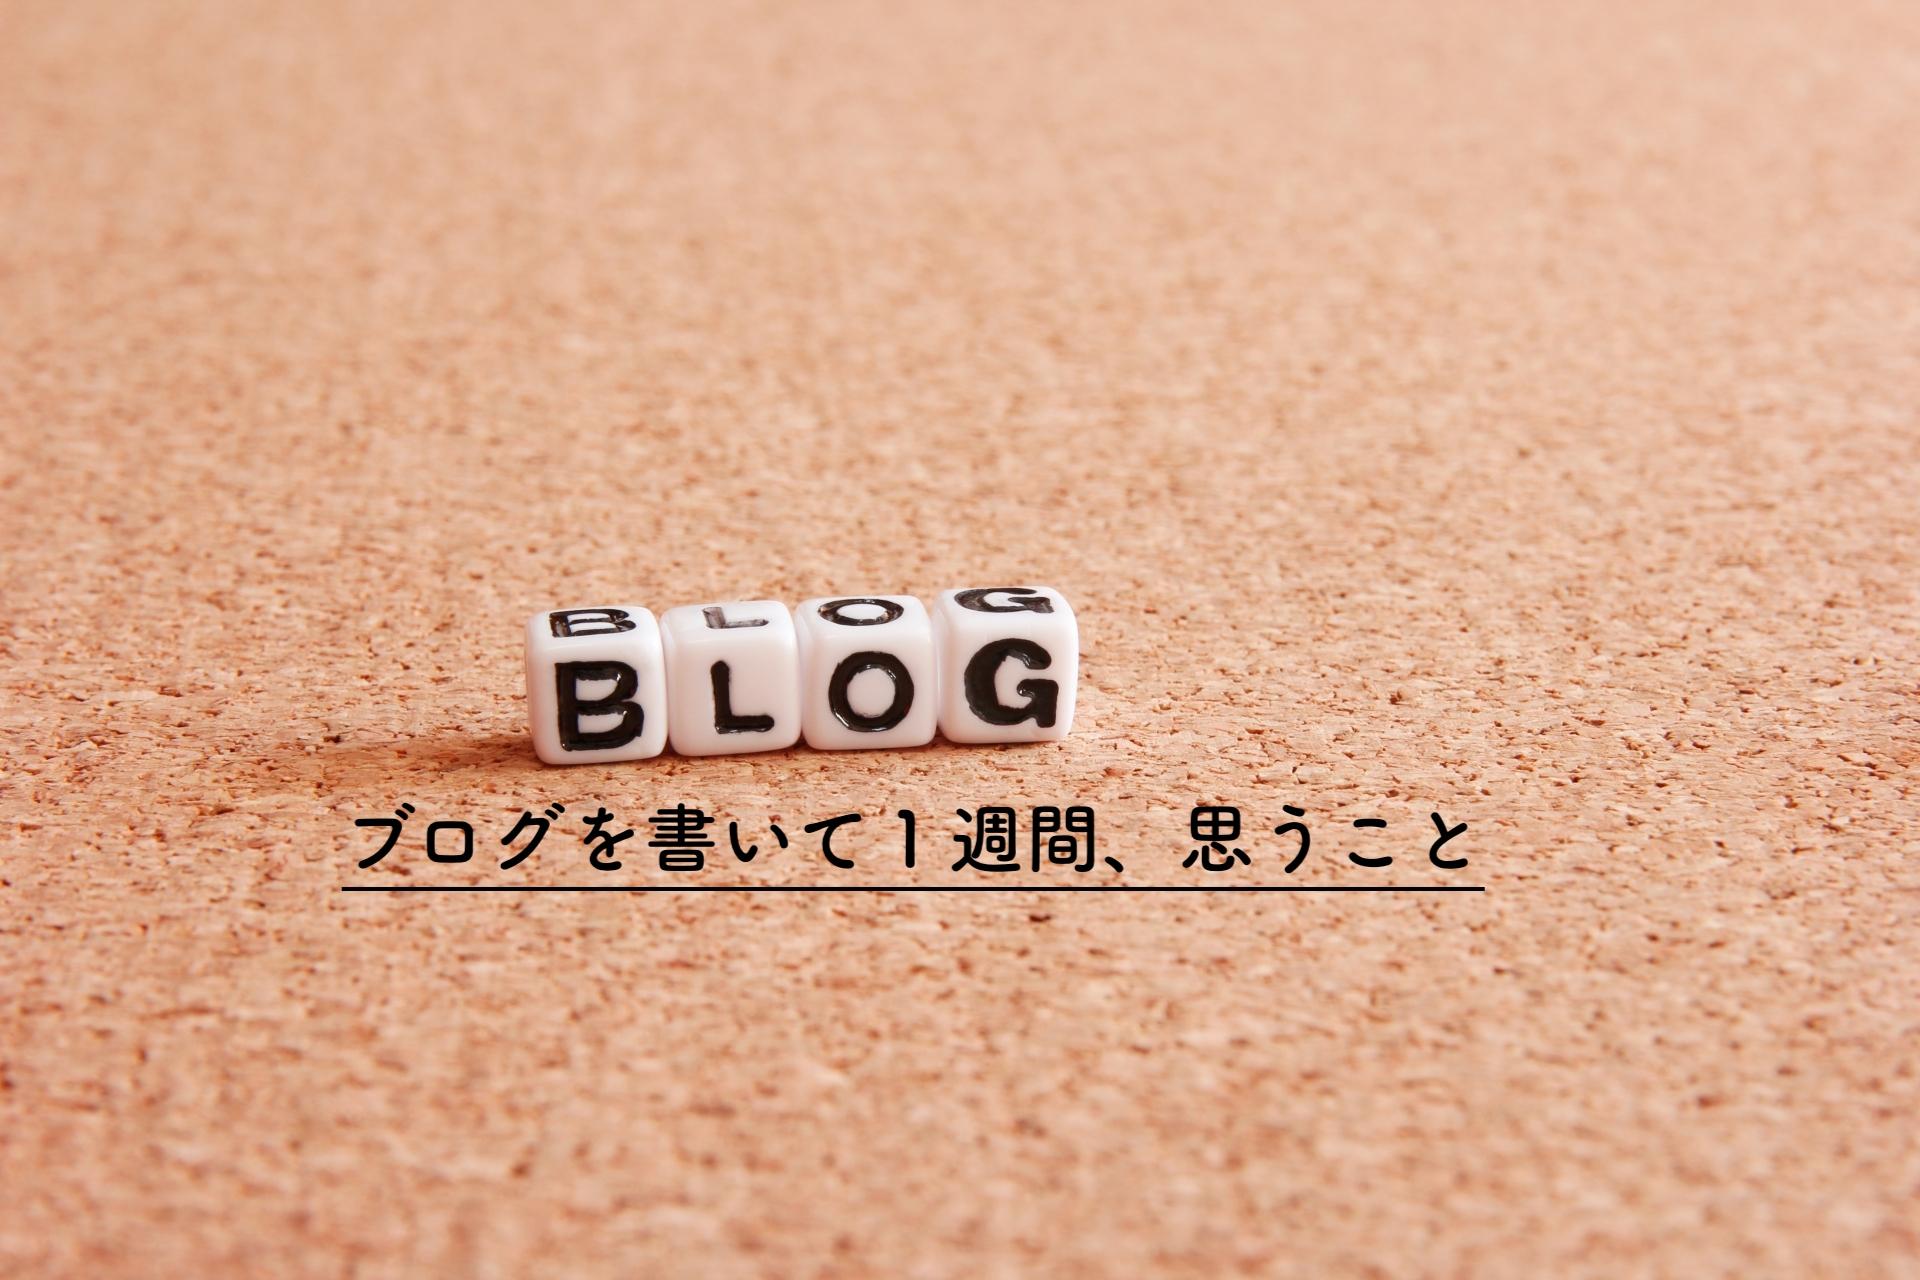 ブログを書いて1週間、思うこと